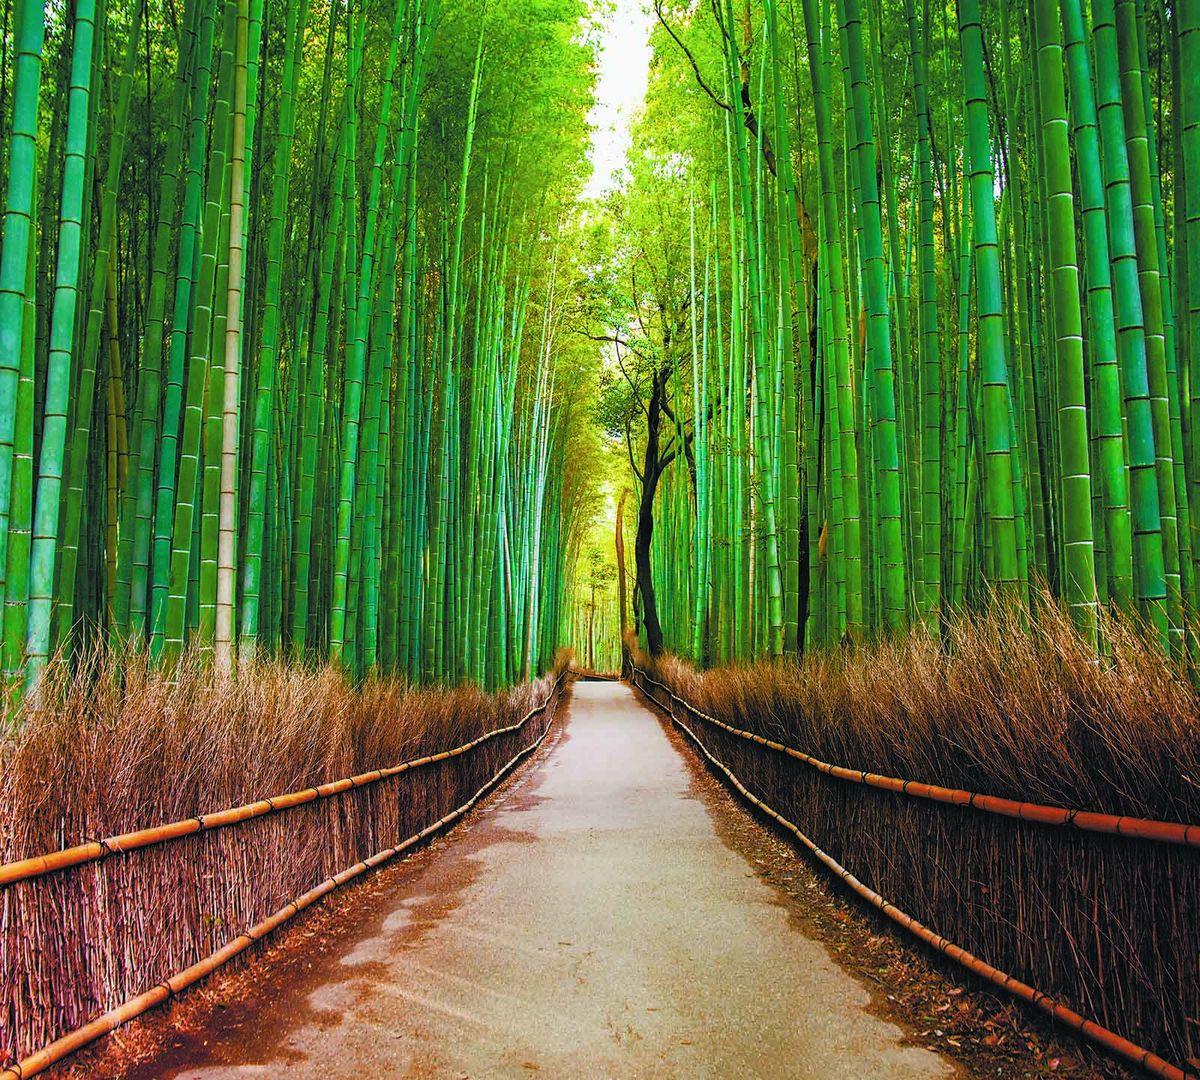 Фотообои Milan Бамбуковая роща, текстурные, 200 х 180 см. M 509 фотообои milan мостик у цветущей вишни текстурные 200 х 135 см m 629